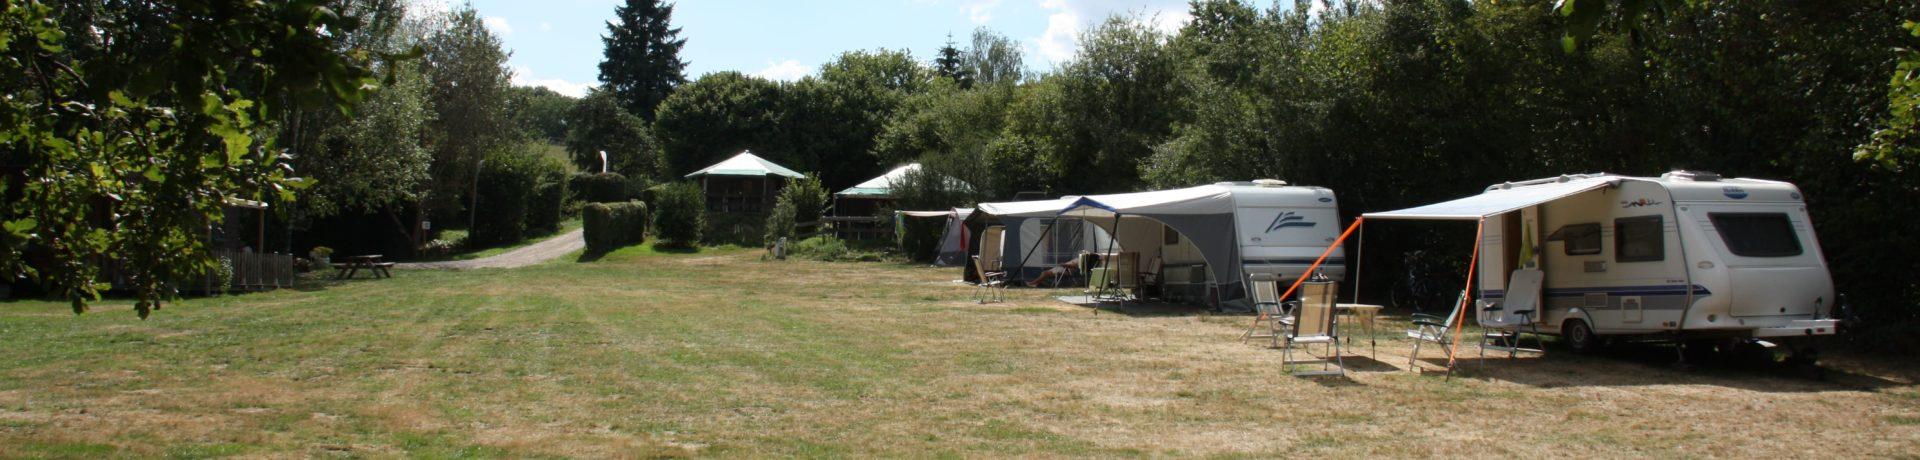 Kleine camping op een natuurlijk, iets glooiend terrein, omgeven door houtsingels en een paar prachtige grote oude eiken. U kampeert rondom een ruim veld, dat in het voorjaar in een bloementapijt verandert